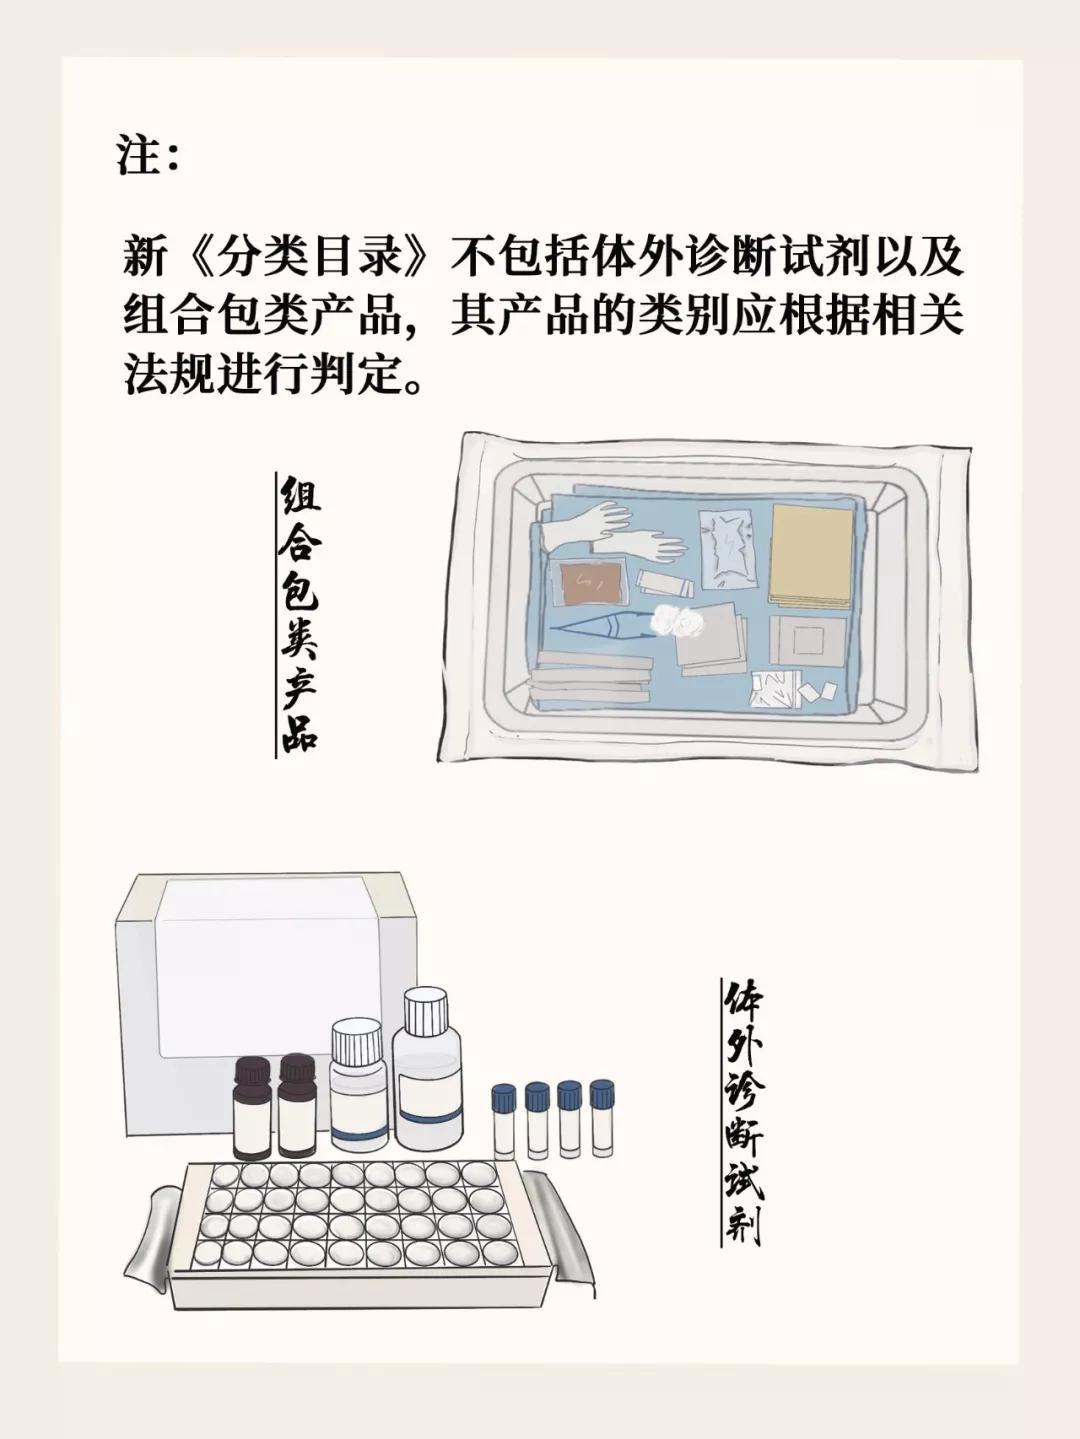 医疗器械一、二、三分类小常识!